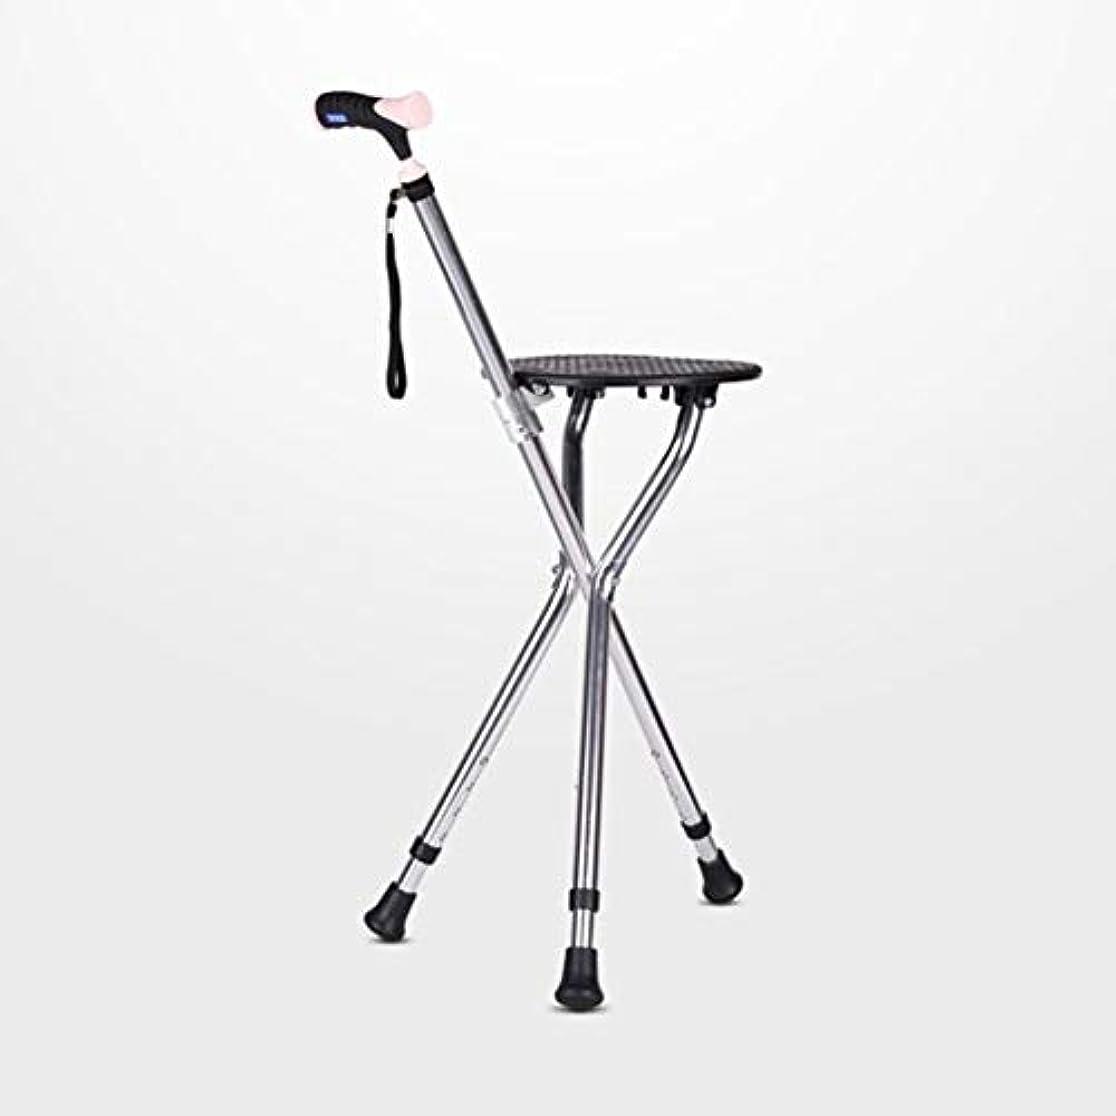 平均十分にツイン折りたたみ杖シート厚のアルミニウム合金の杖スツール松葉杖の座椅子3脚の杖調節可能なハイキングスティック